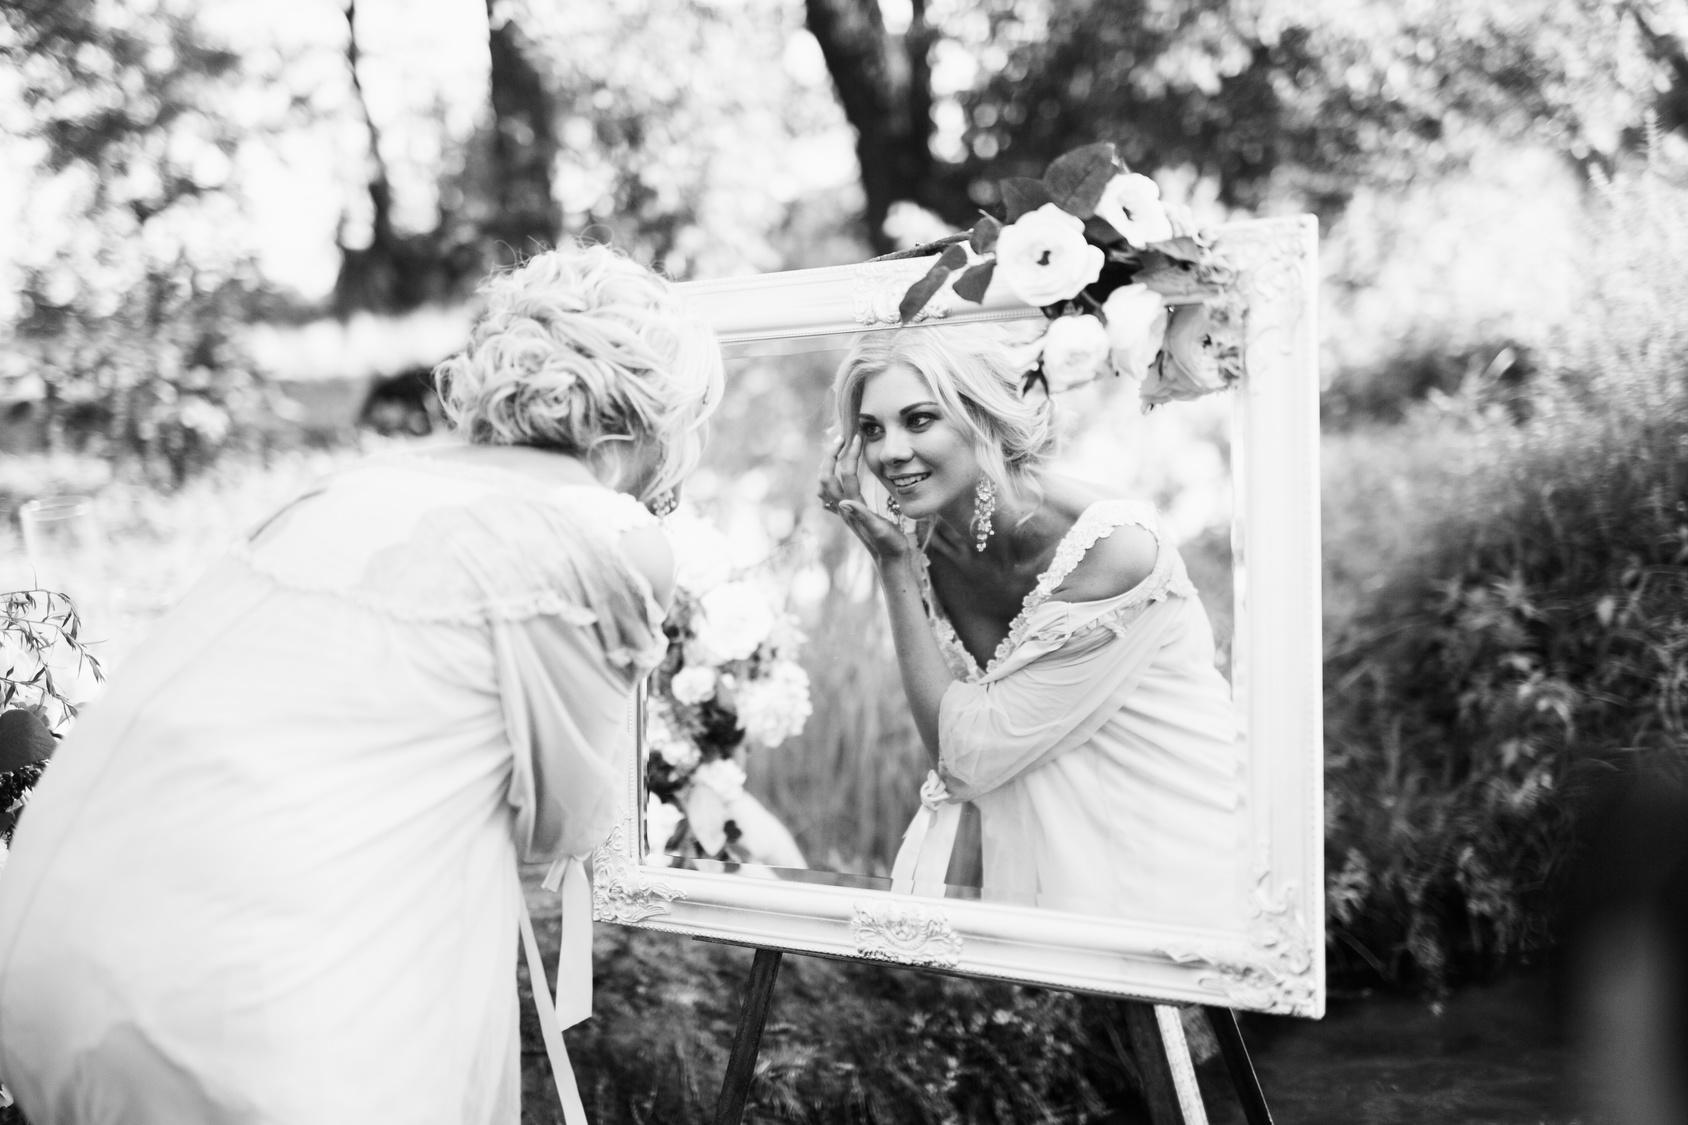 Panna Młoda przeglądająca w lustrze